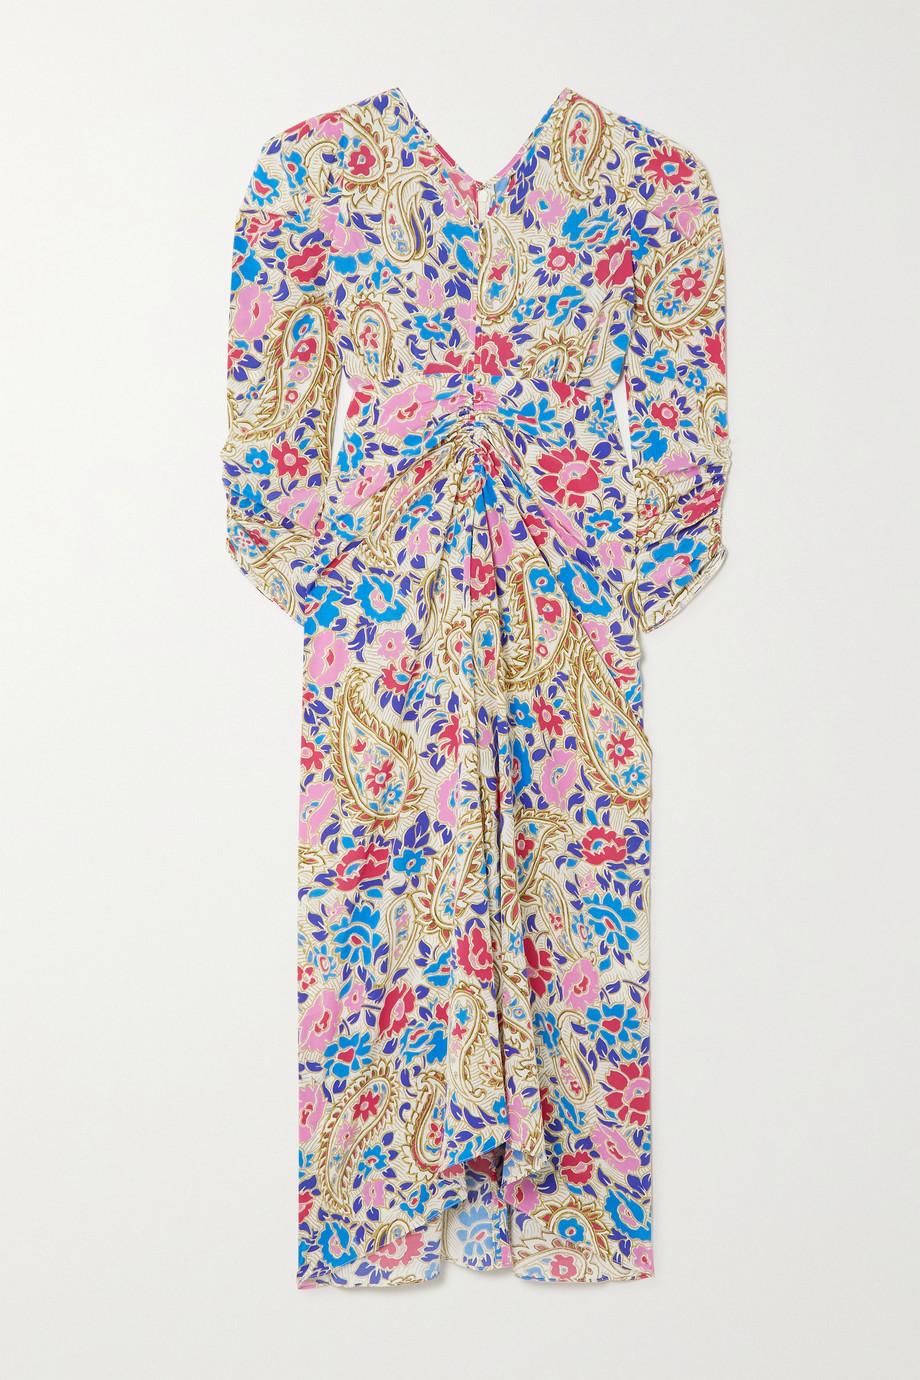 Isabel Marant Robe midi en crêpe de Chine de soie mélangée imprimé à fronces Albi